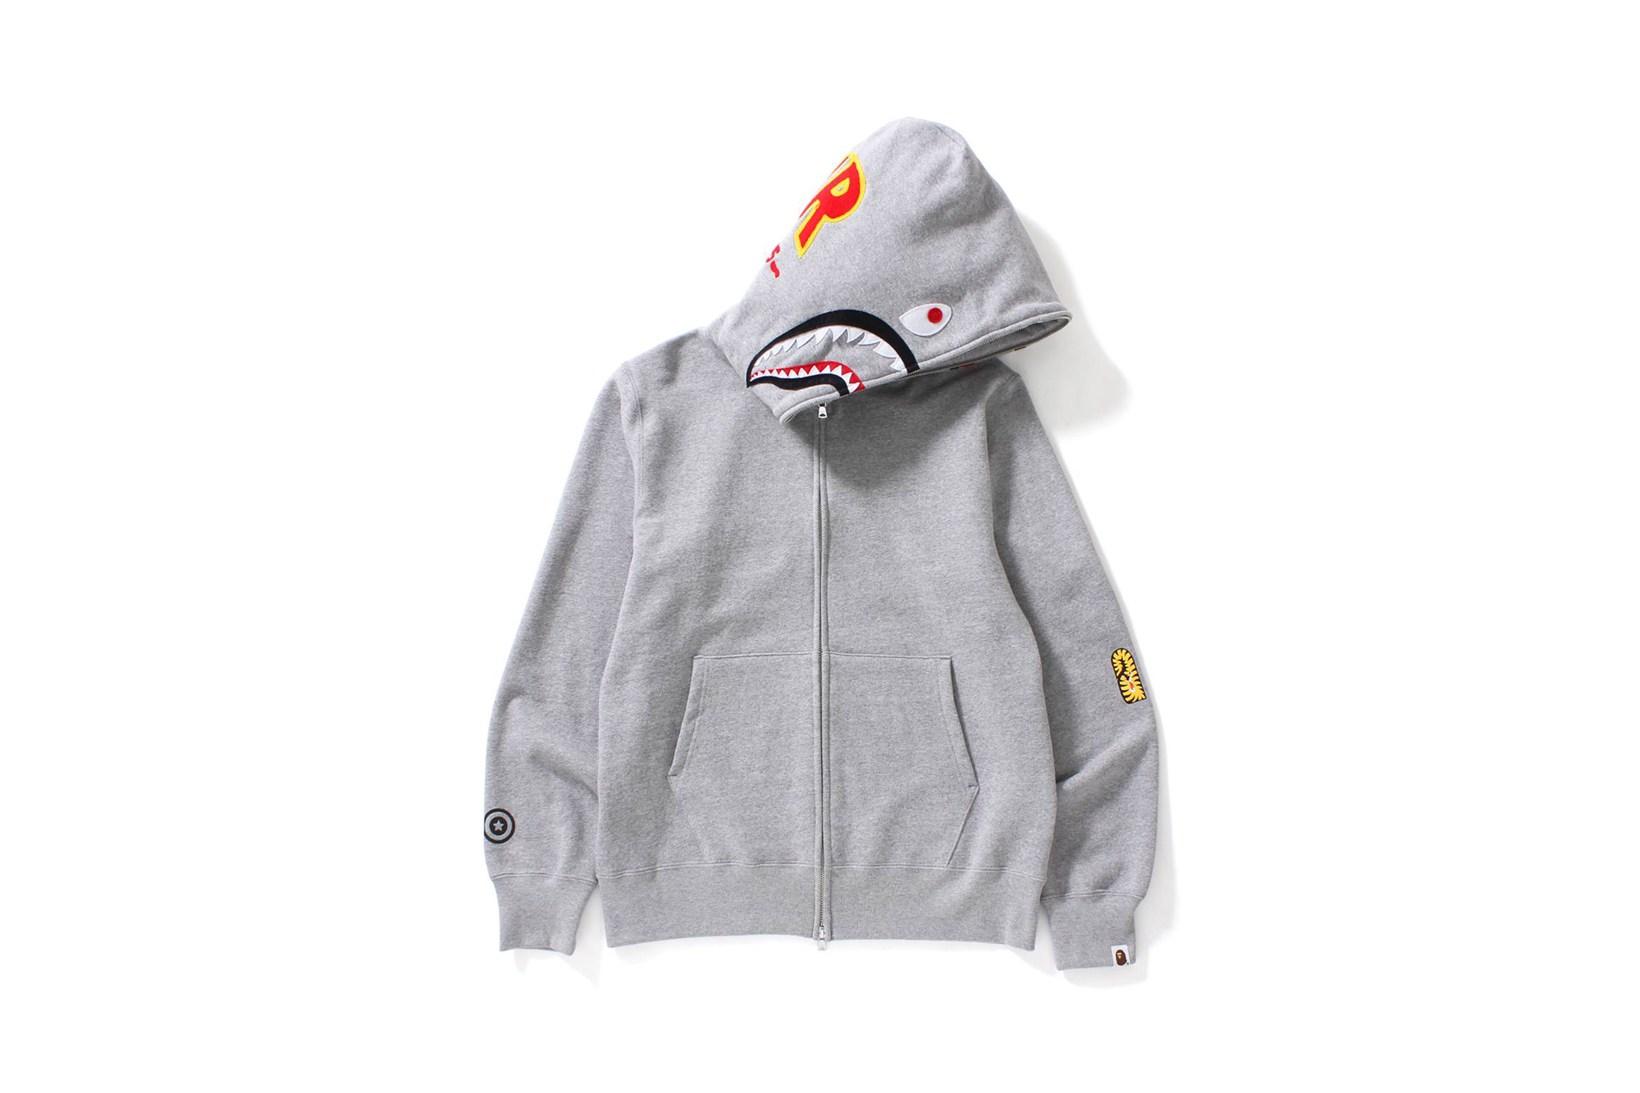 bape-2017-spring-summer-shark-hoodies-4